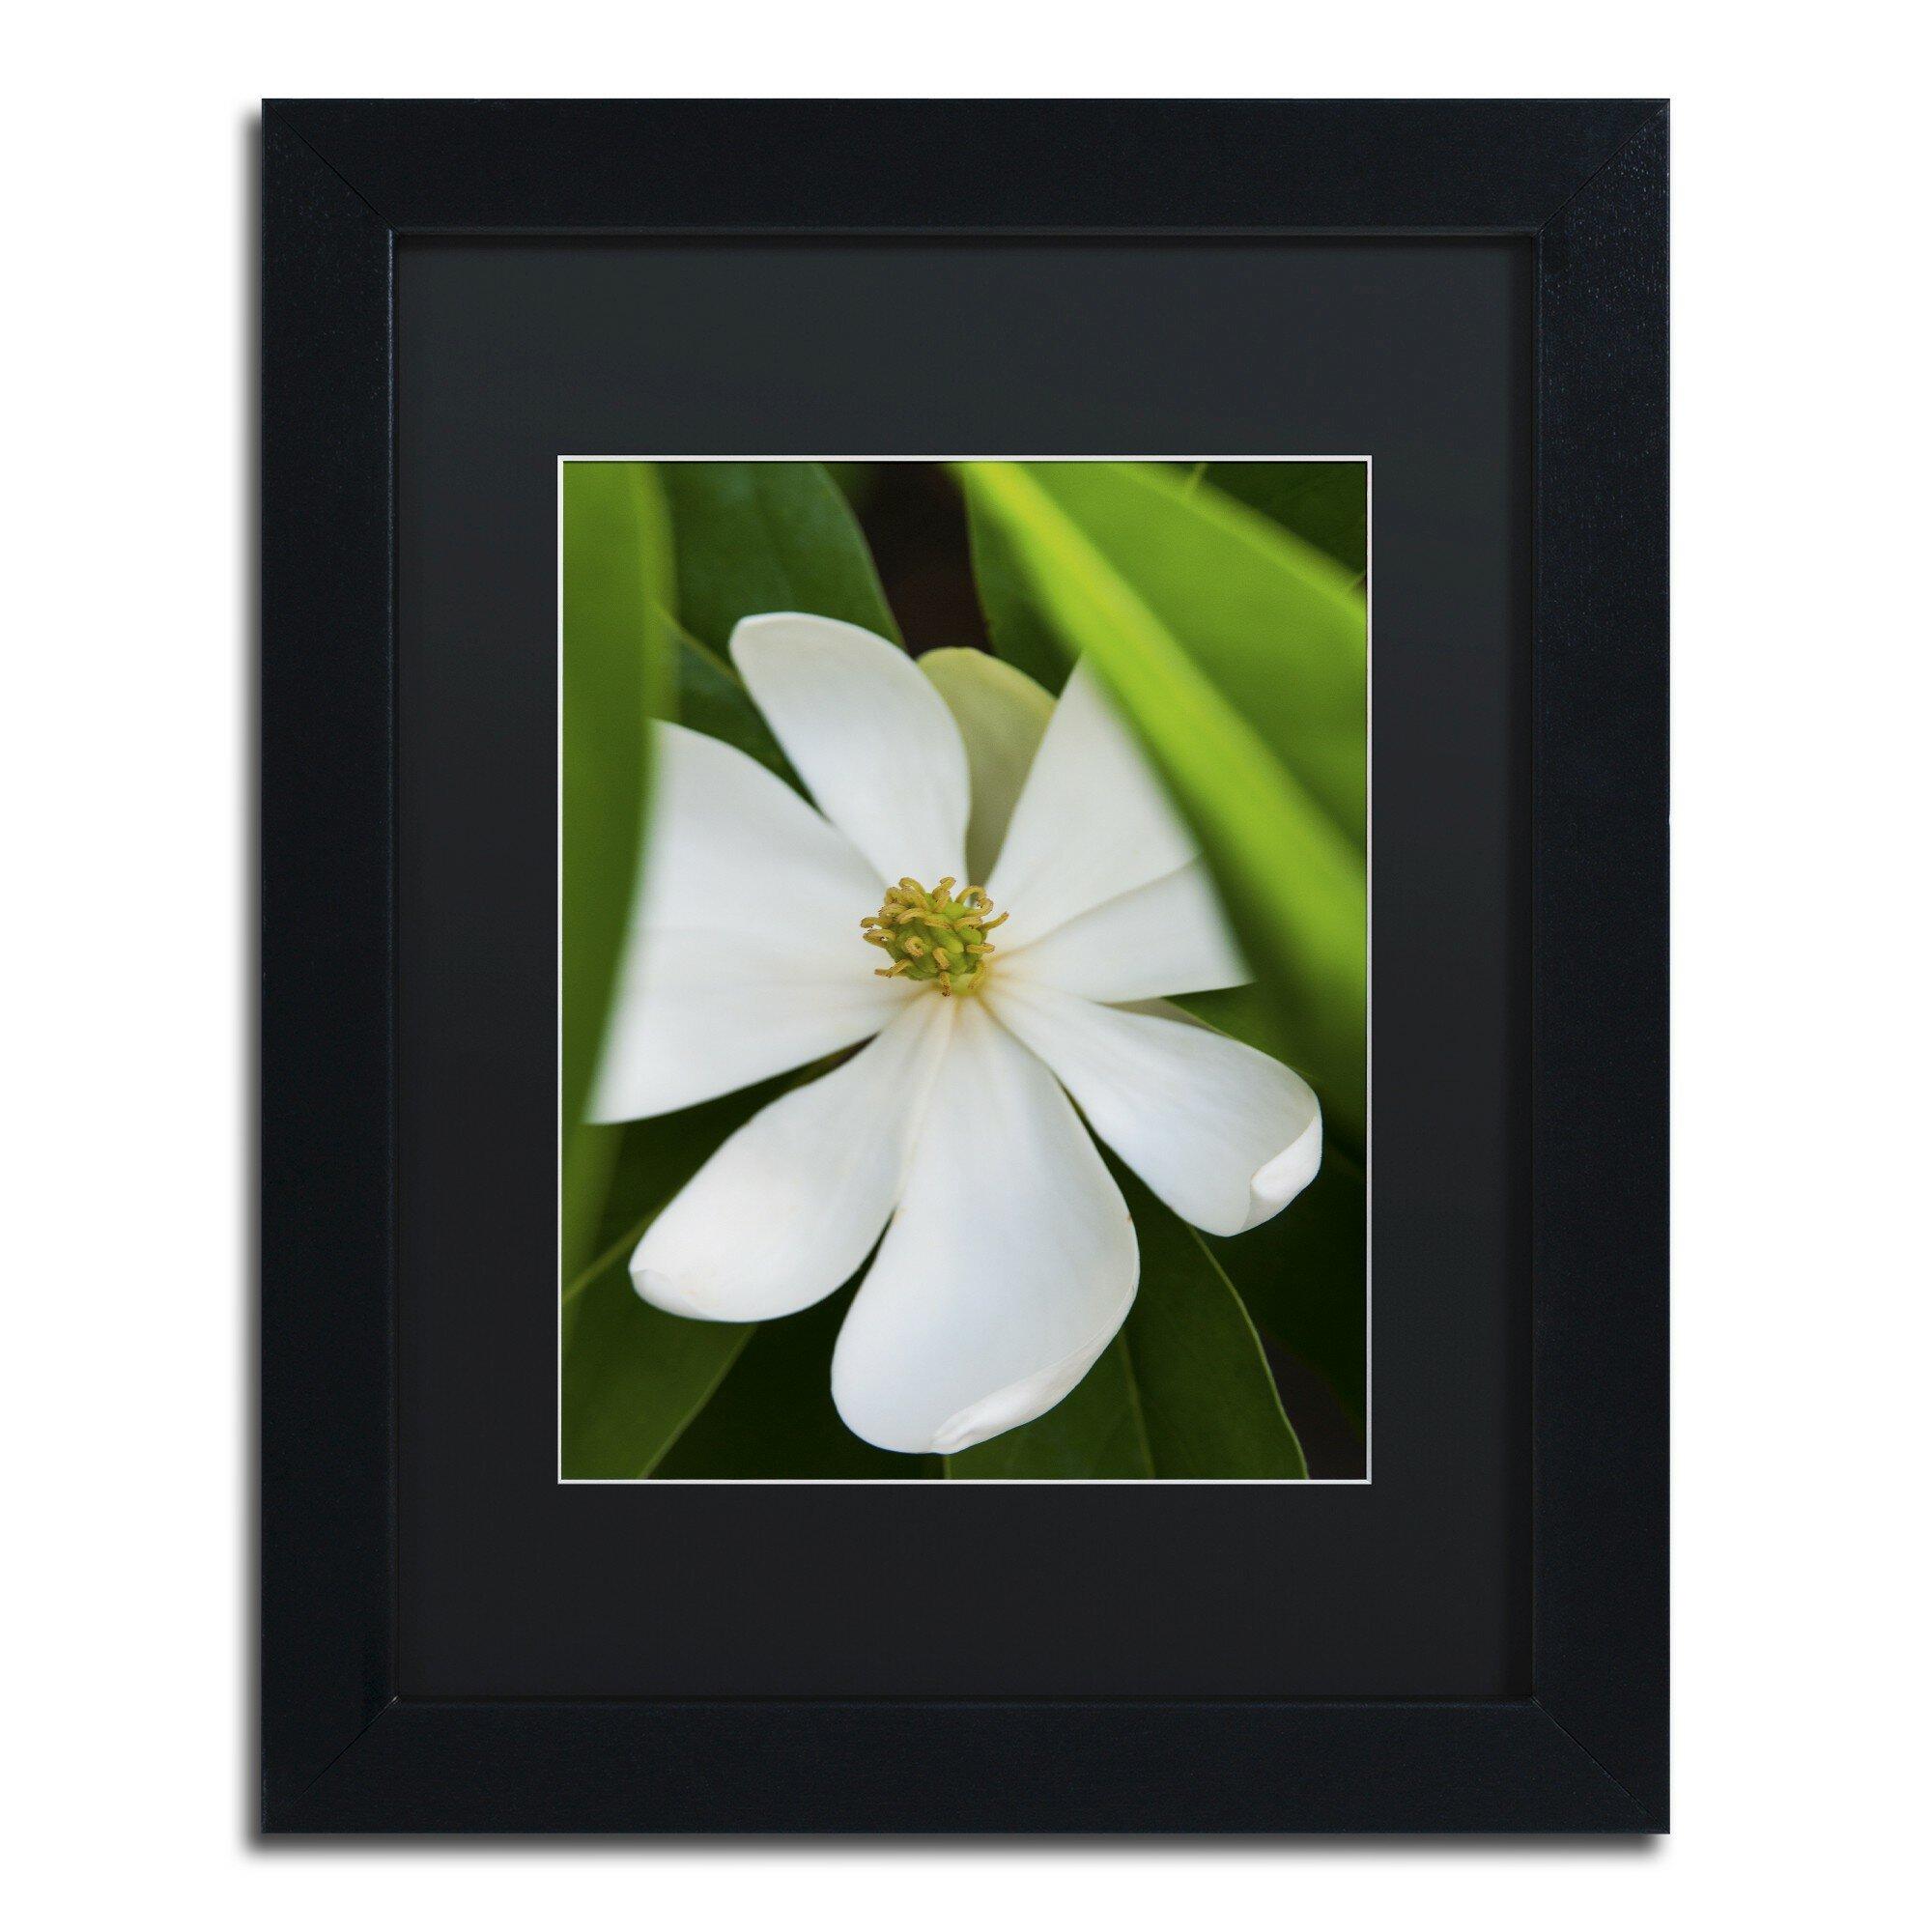 Trademark Art White Magnolia Flower By Kurt Shaffer Framed